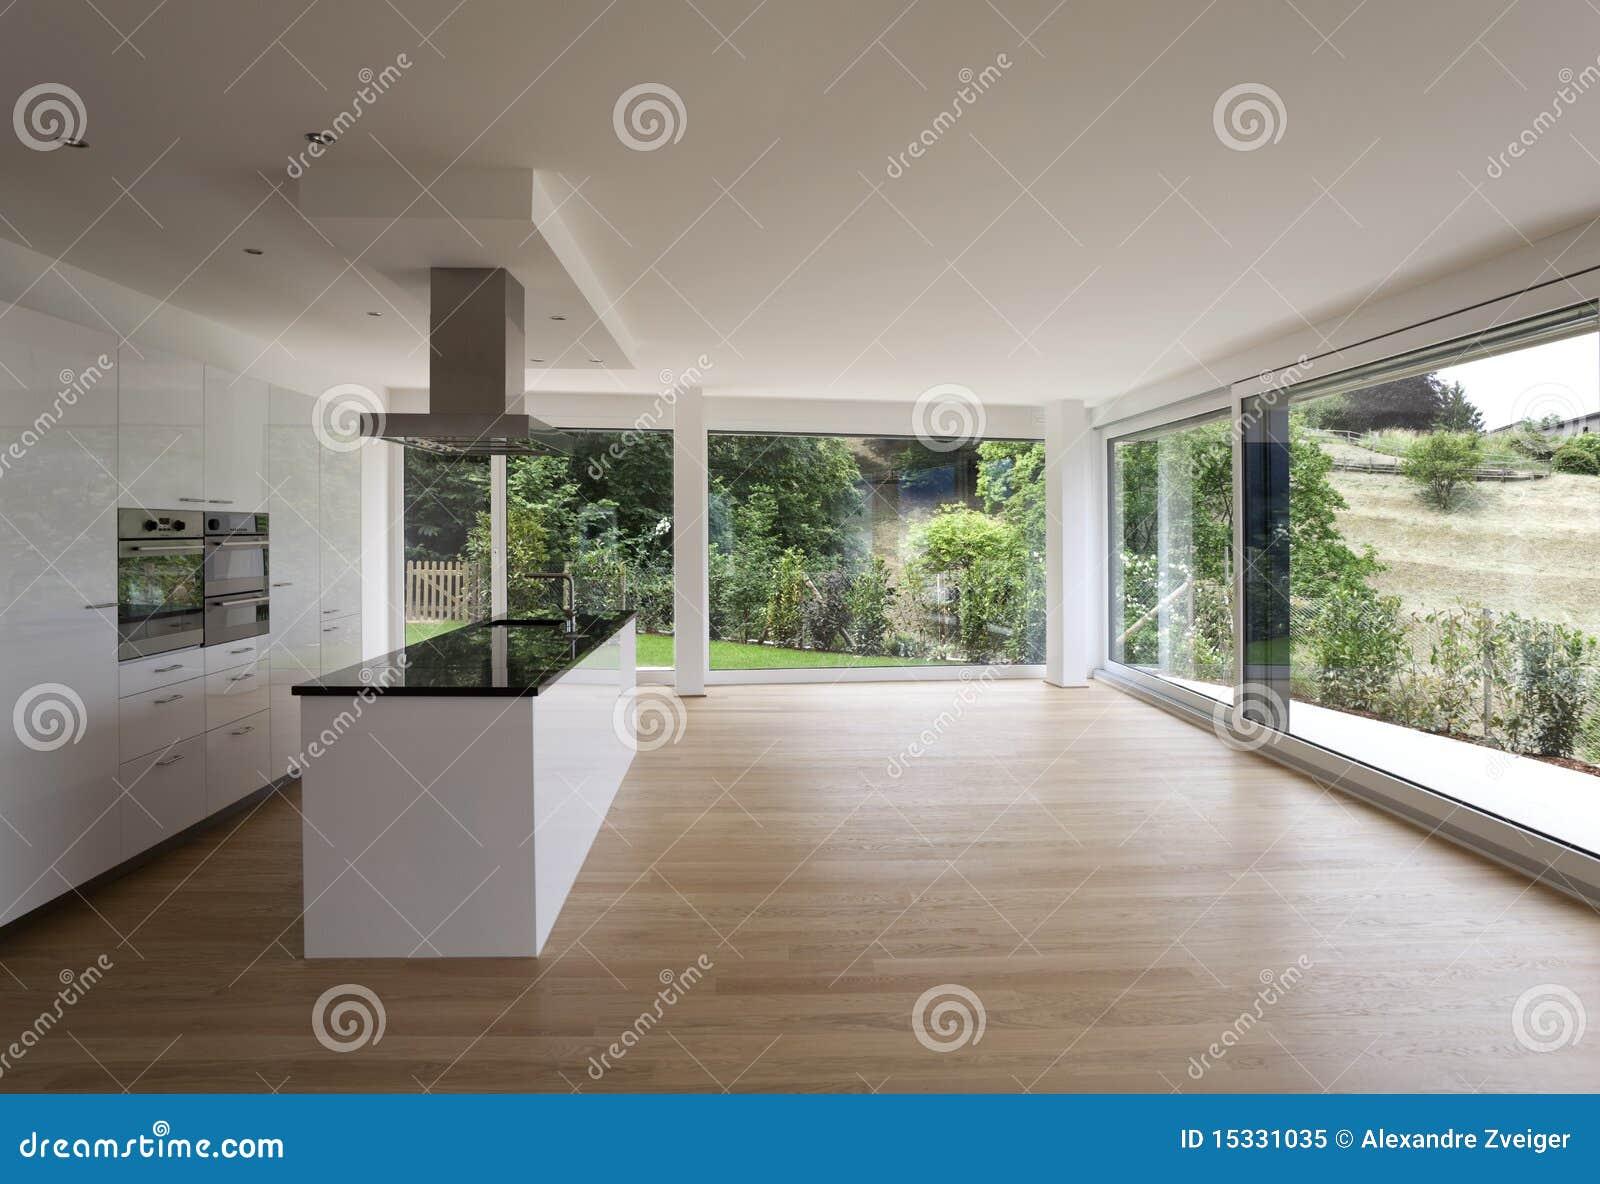 Best interieur de maison moderne photos design trends for Interieur maison moderne